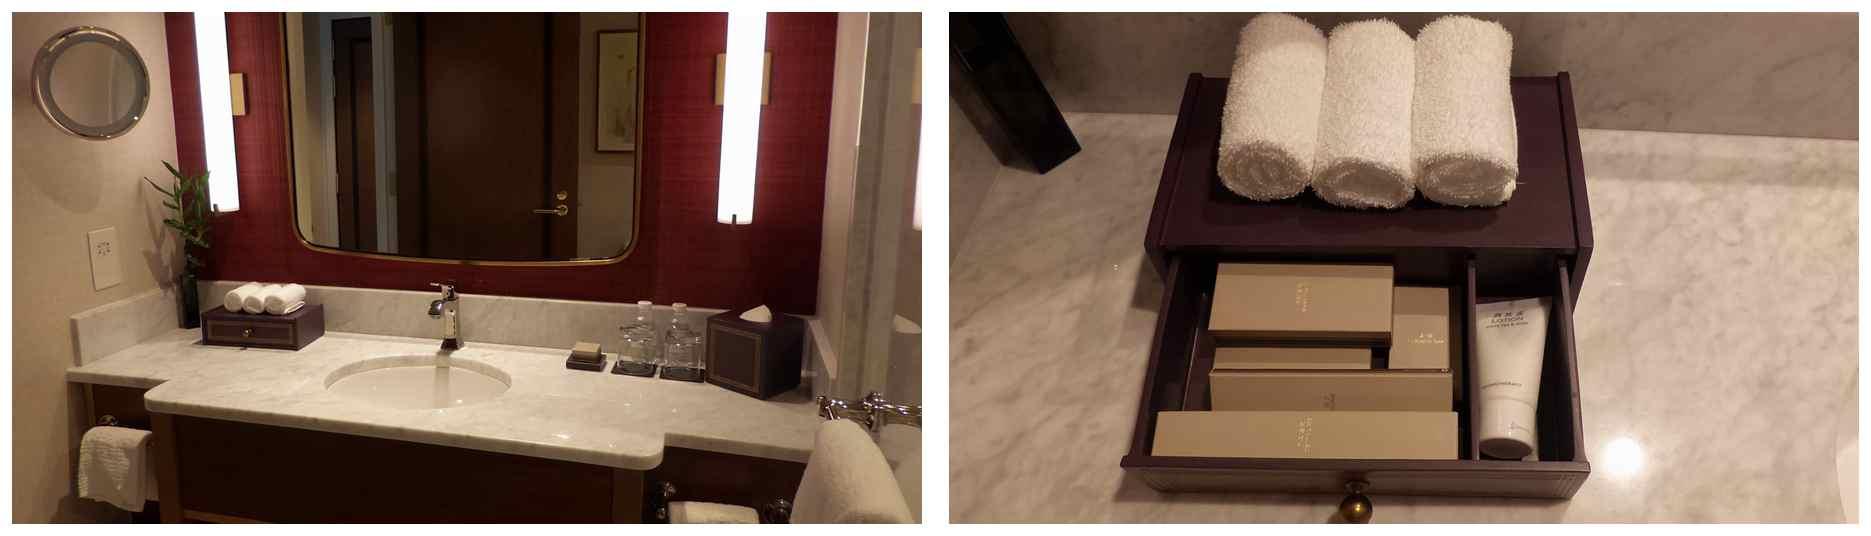 澳門巴黎人- 房間浴室